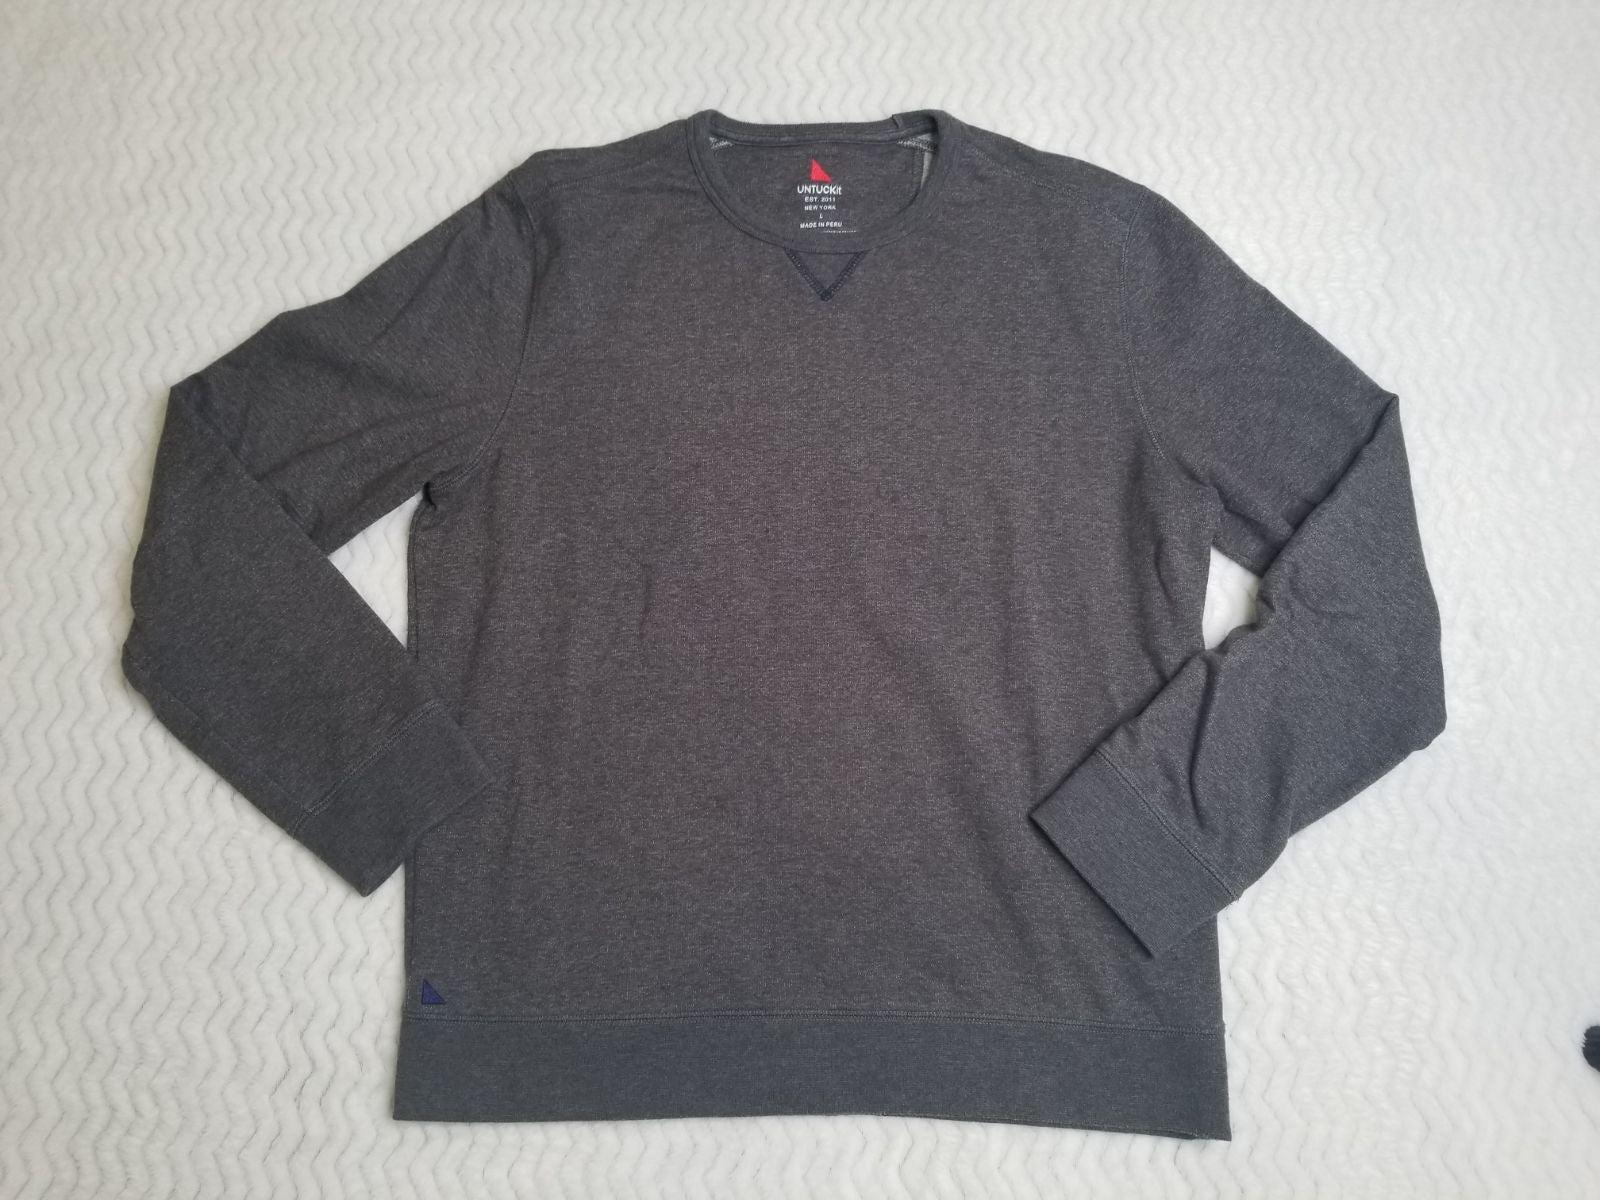 UNTUCKit Men's Crew Neck Sweatshirt sz L